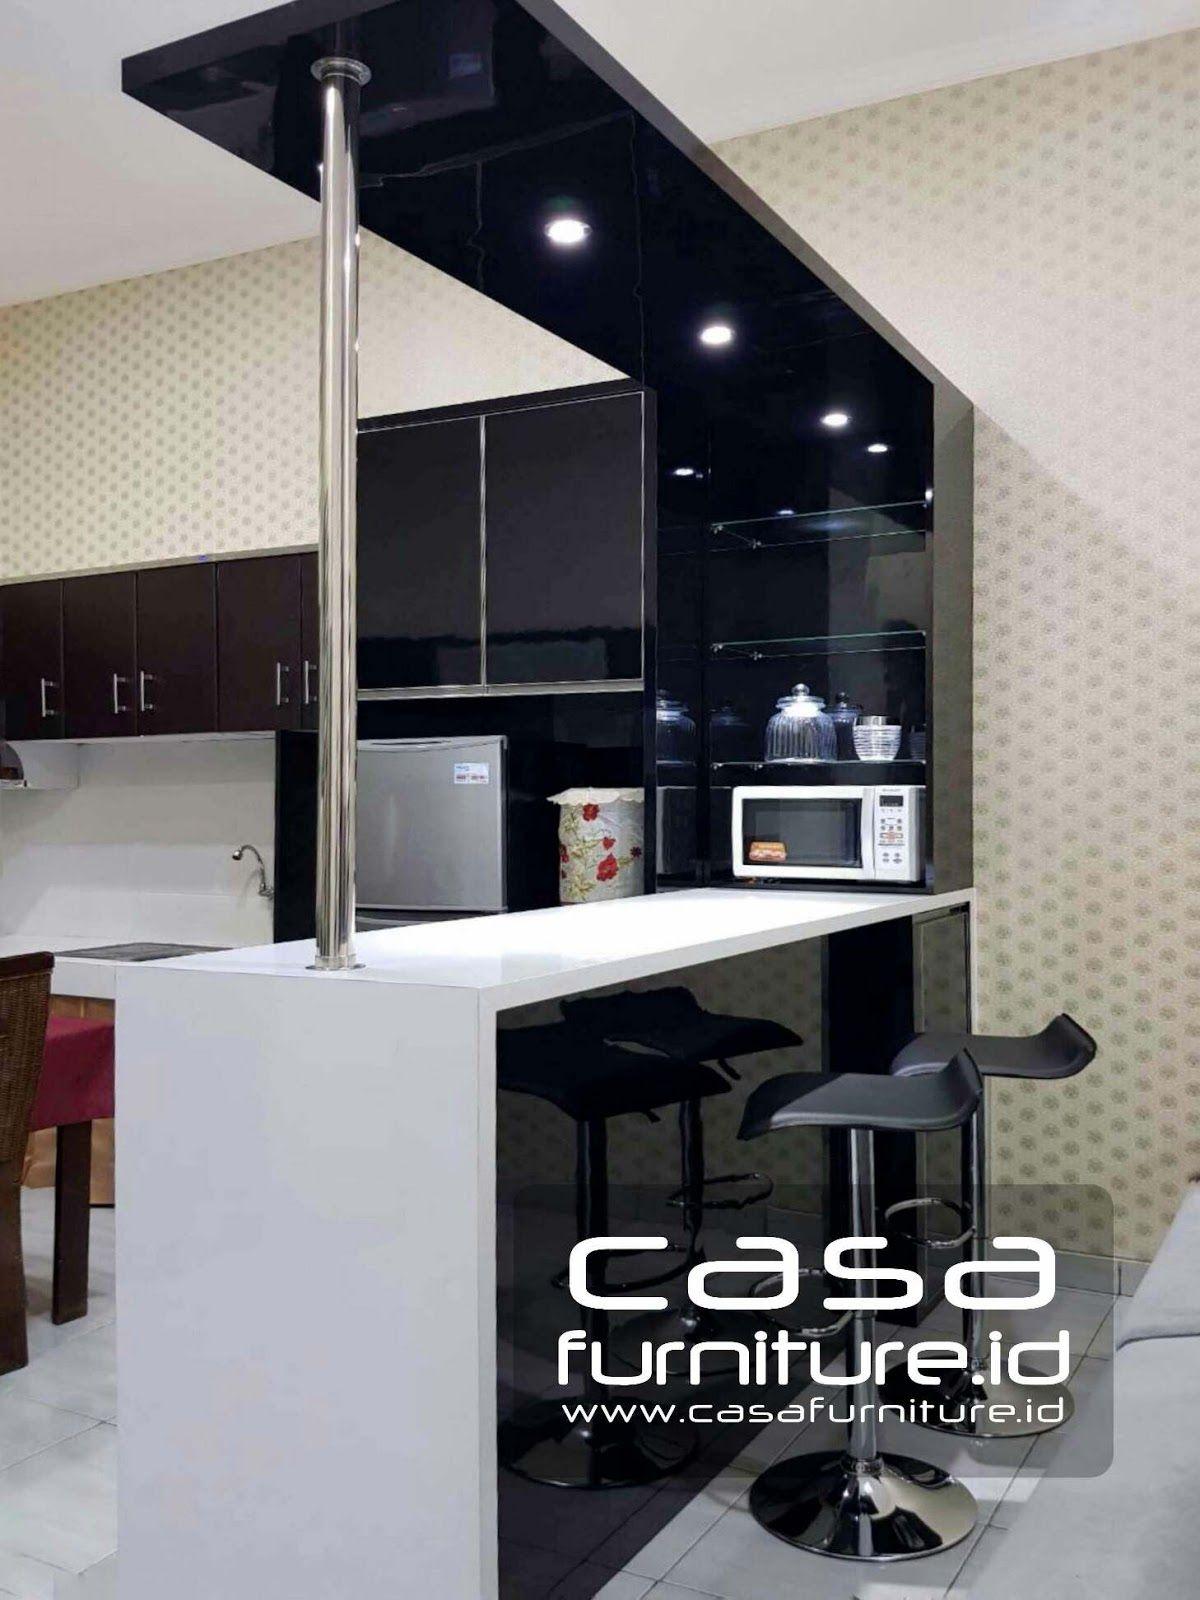 Meja Bar Minimalis Kombinasi Warna Hitam Putih Di Jurumudi Tangerang